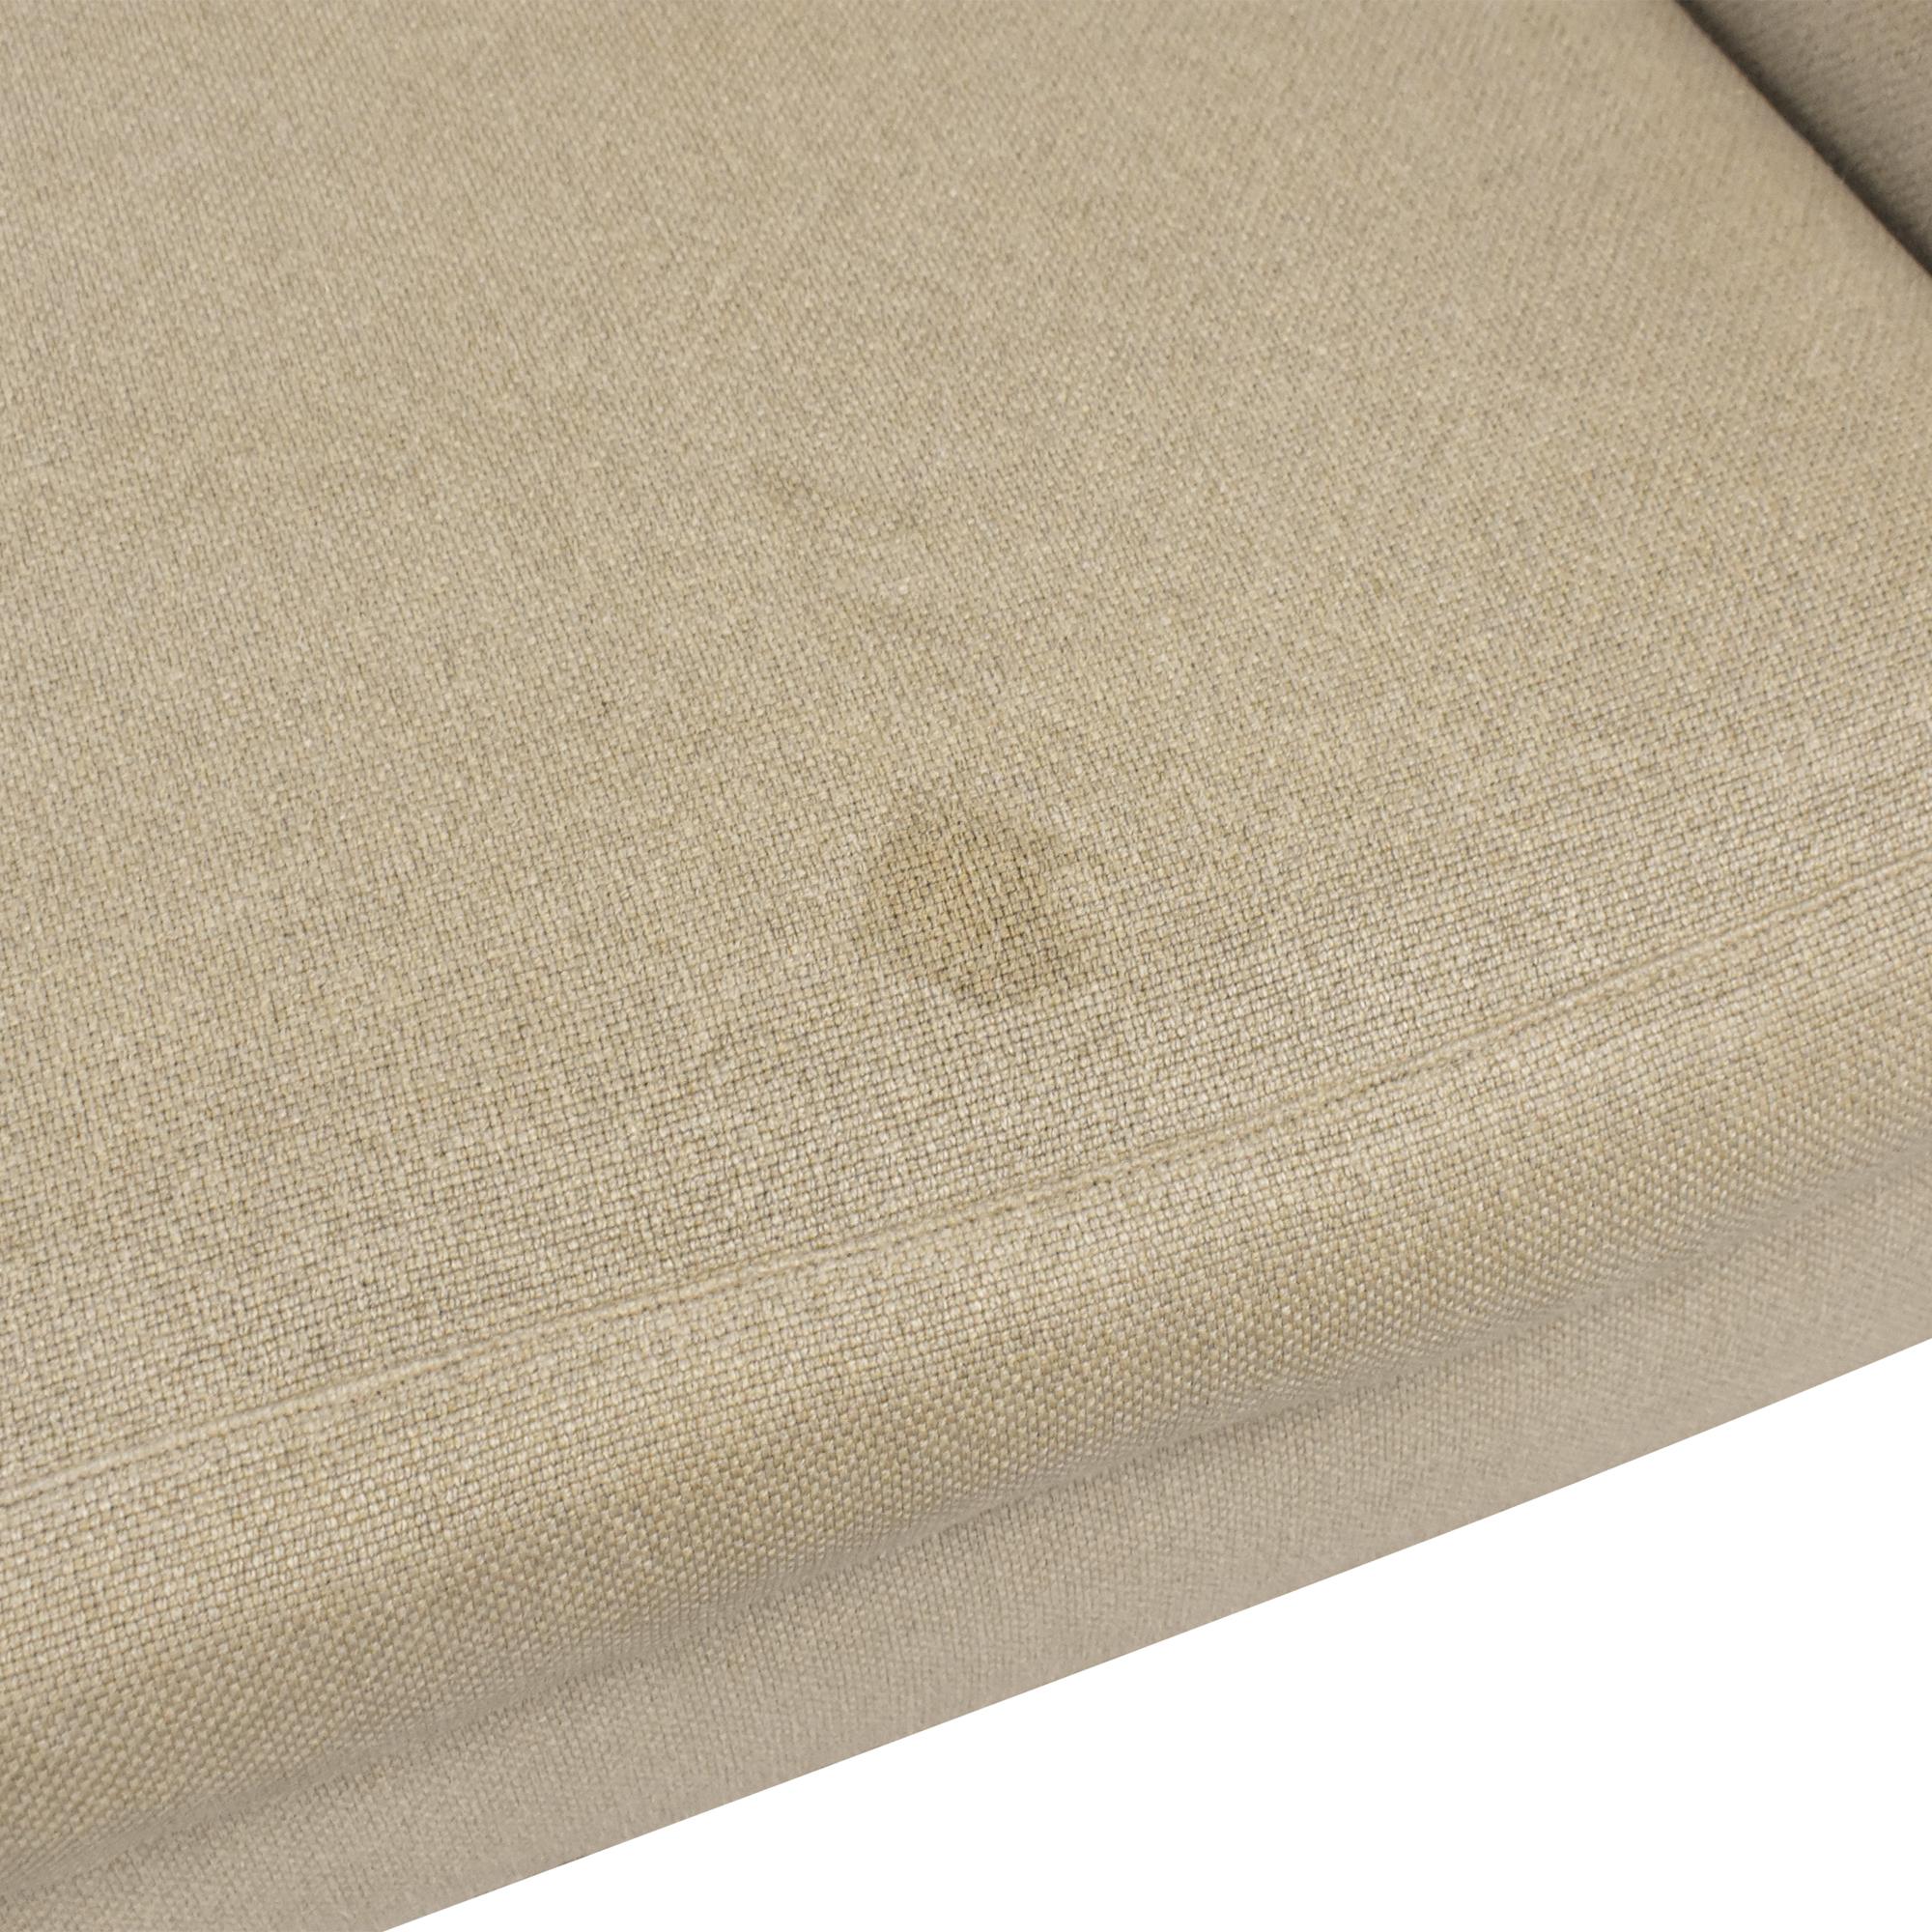 ABC Carpet & Home Contemporary Sofa / Sofas